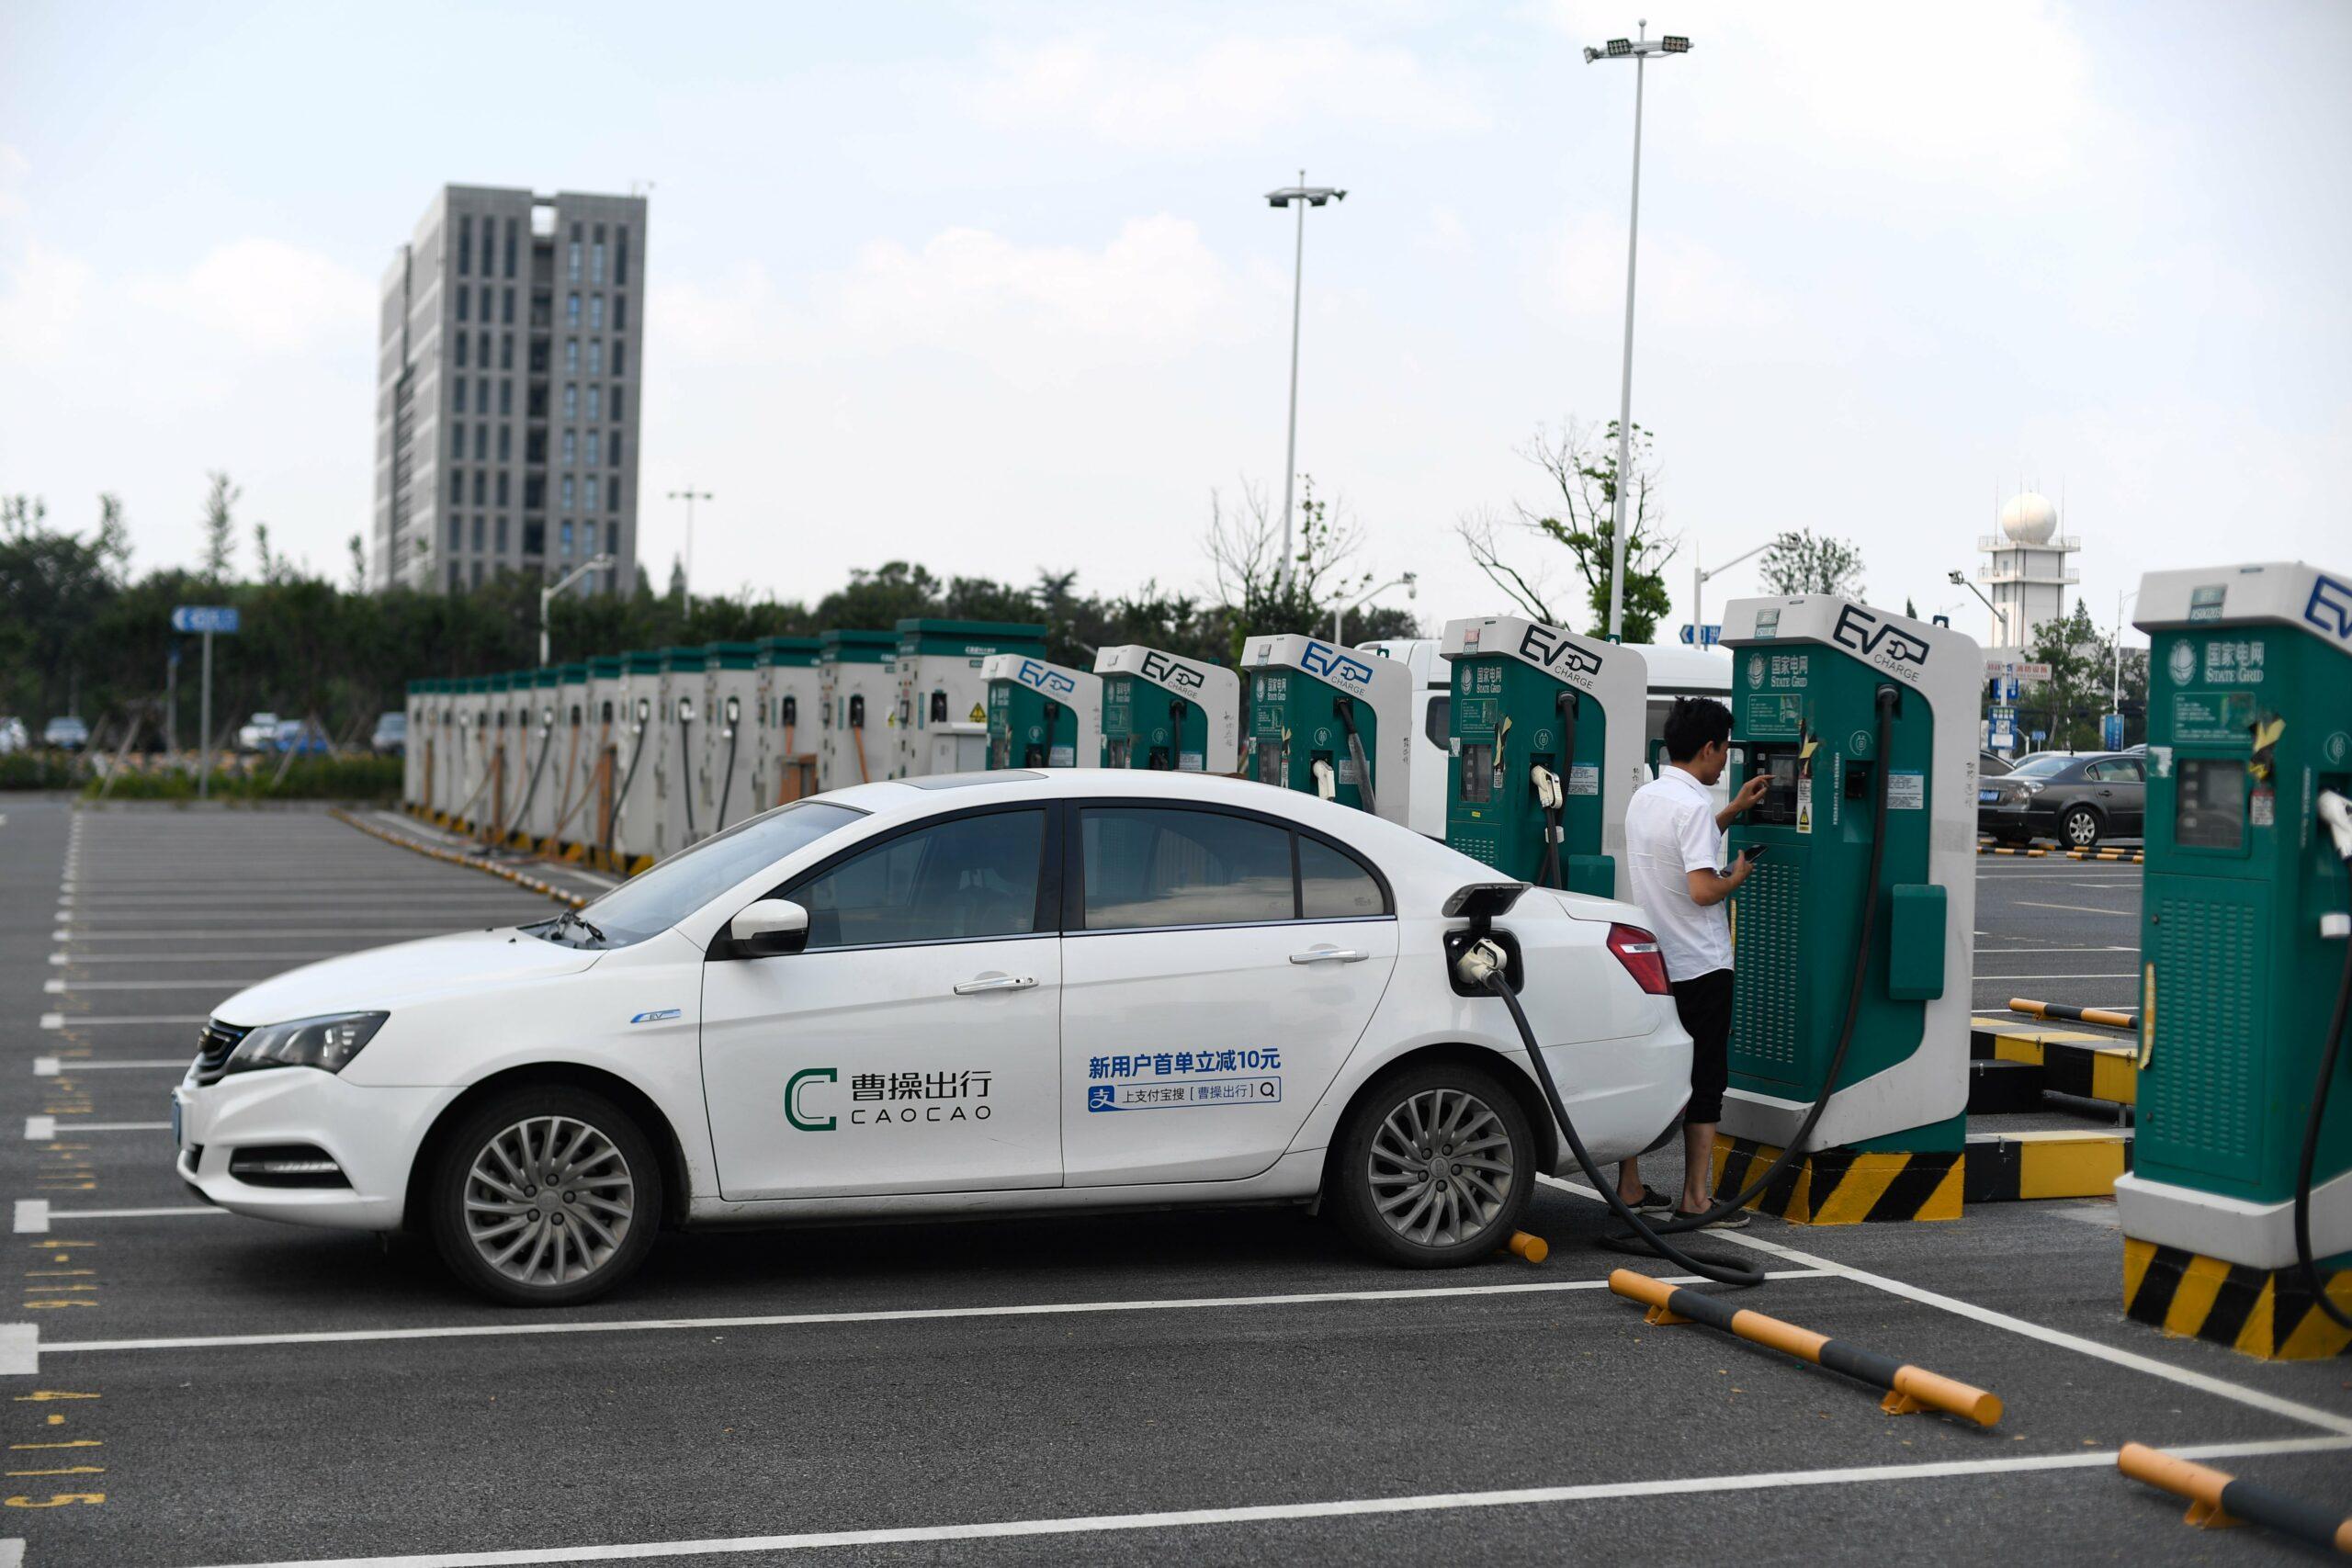 ยอดกรรมสิทธิ์ 'รถยนต์ไฟฟ้า' ในจีน ครองสัดส่วนครึ่งหนึ่งของโลก